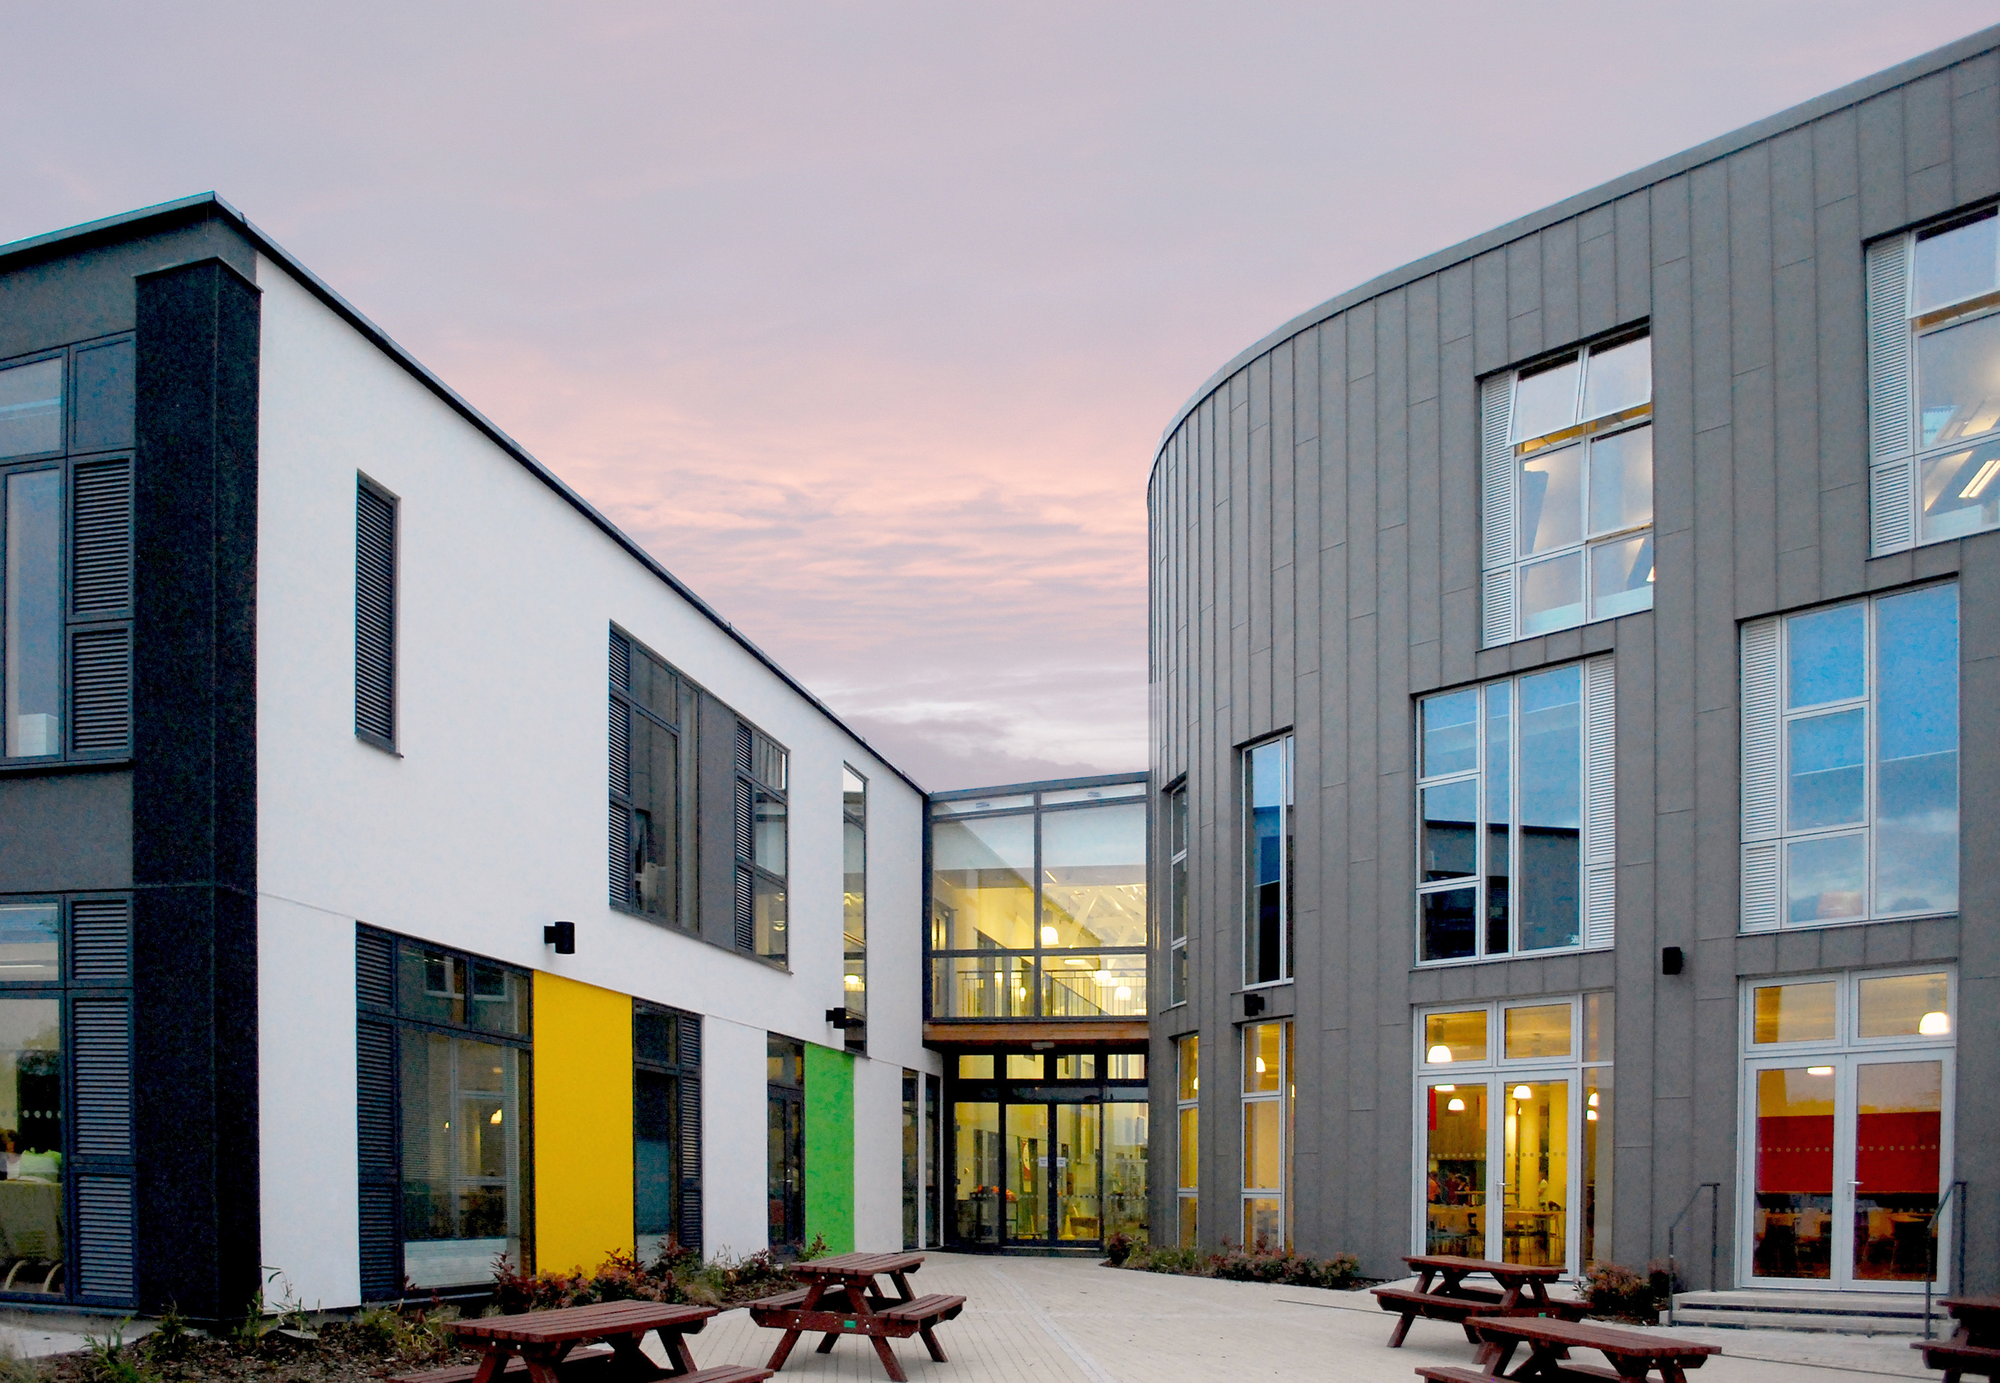 St John's School Marlborough / Re-Format LLP, © Morley von Sternberg